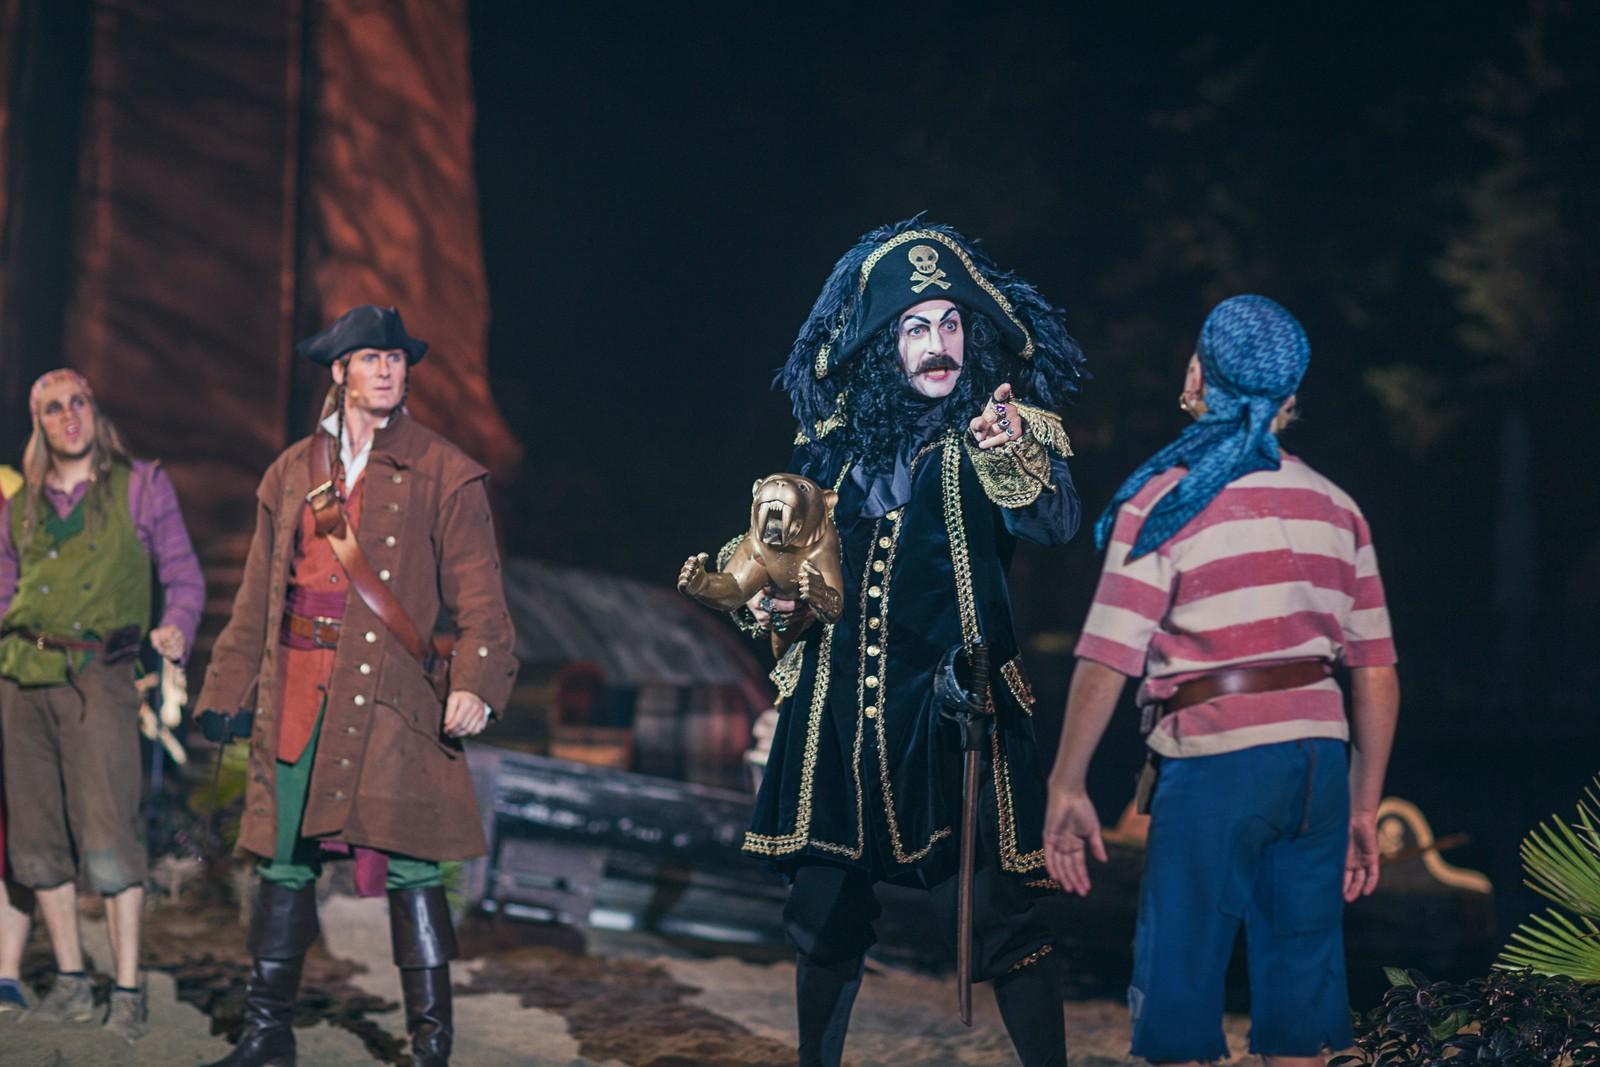 DÅRLIG LEDER: Kaptein Sabeltann fremstår som en grådig kosebamse av en kaptein som lar andre gjøre jobben for seg.